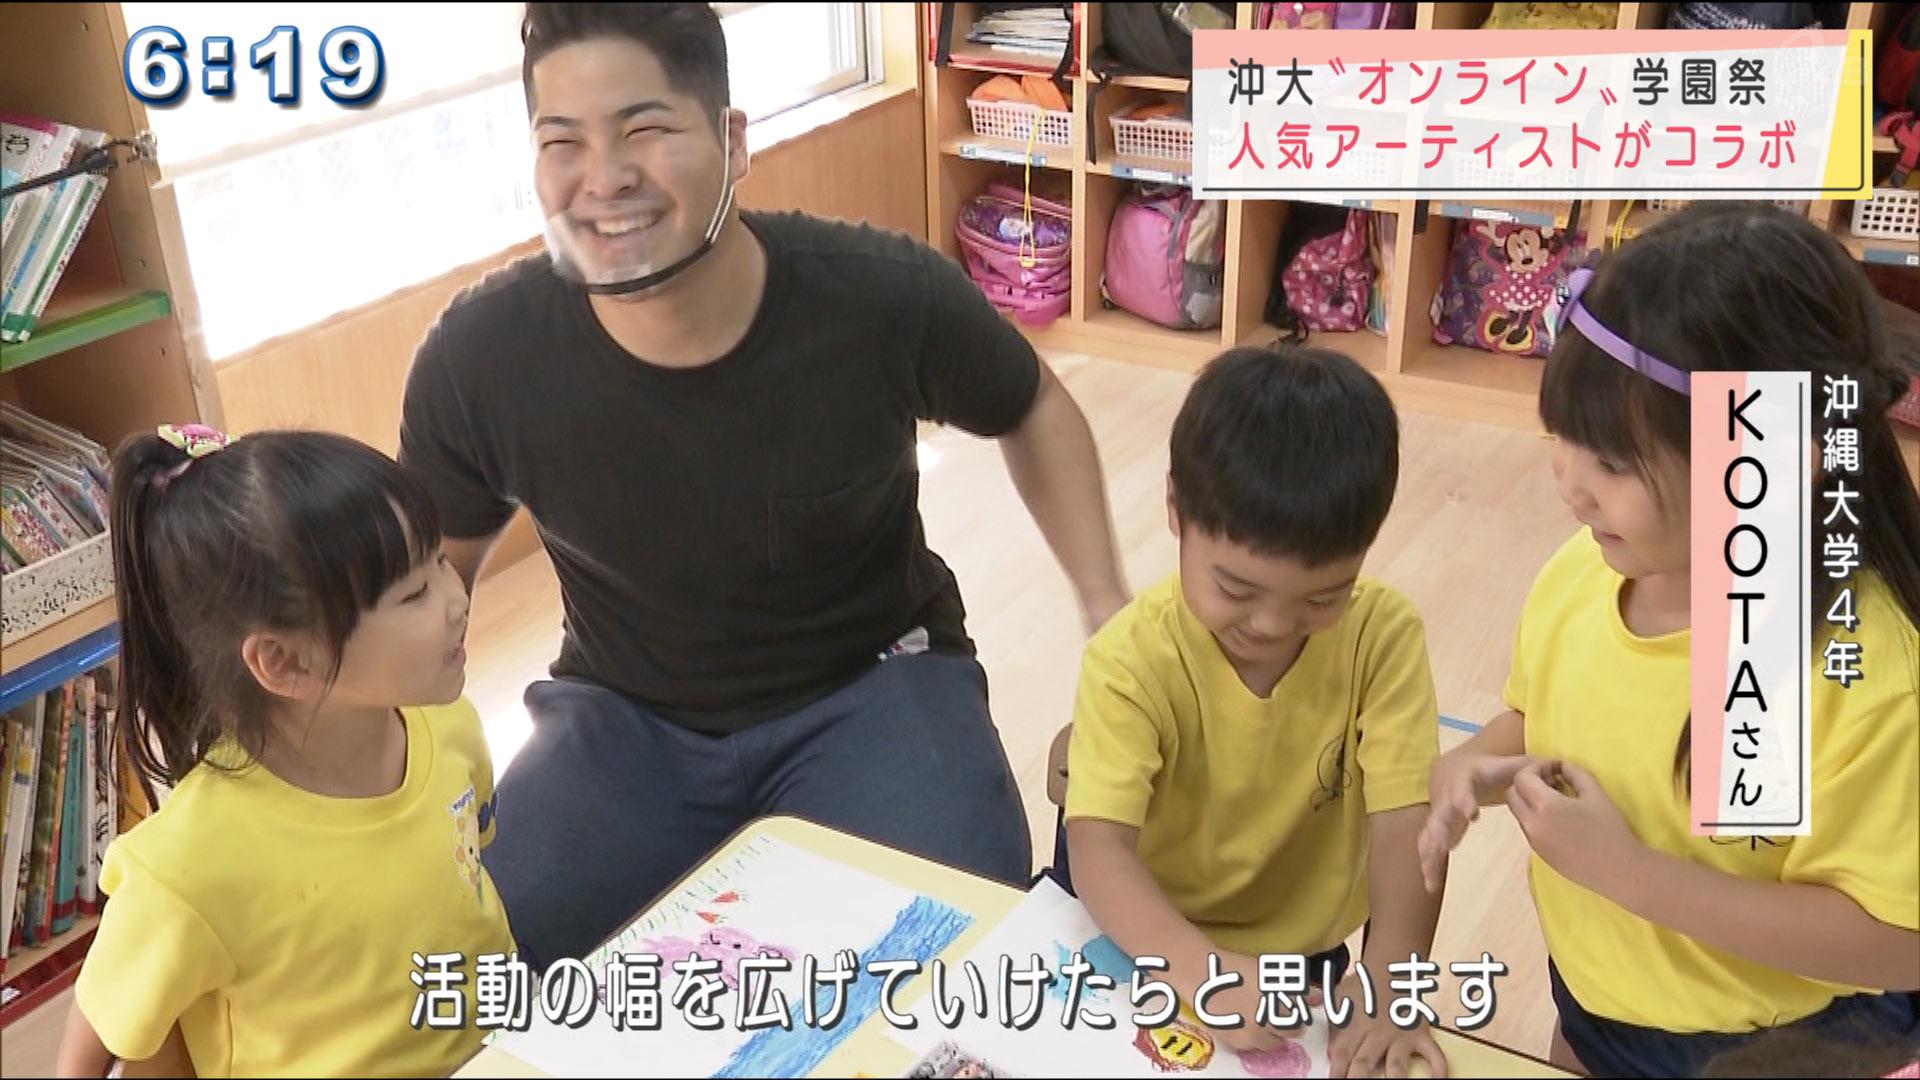 オンライン学園祭 KOOTA×オレンジレンジYOH